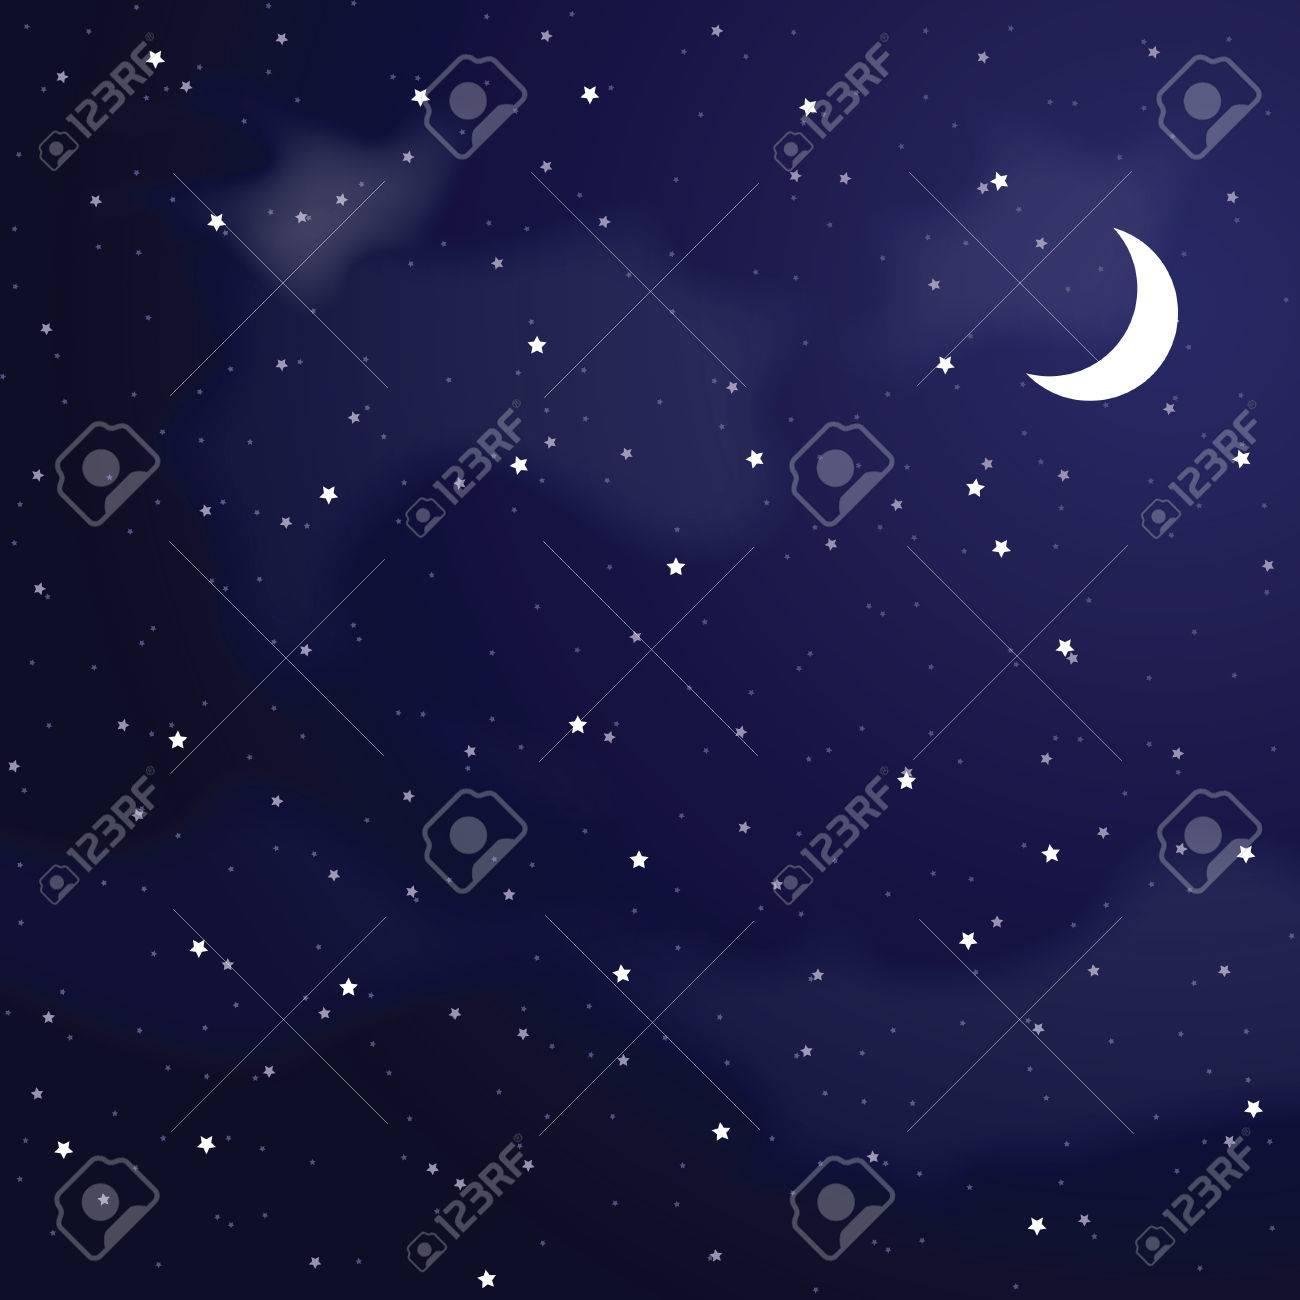 Vector illustration of night sky - 22561647